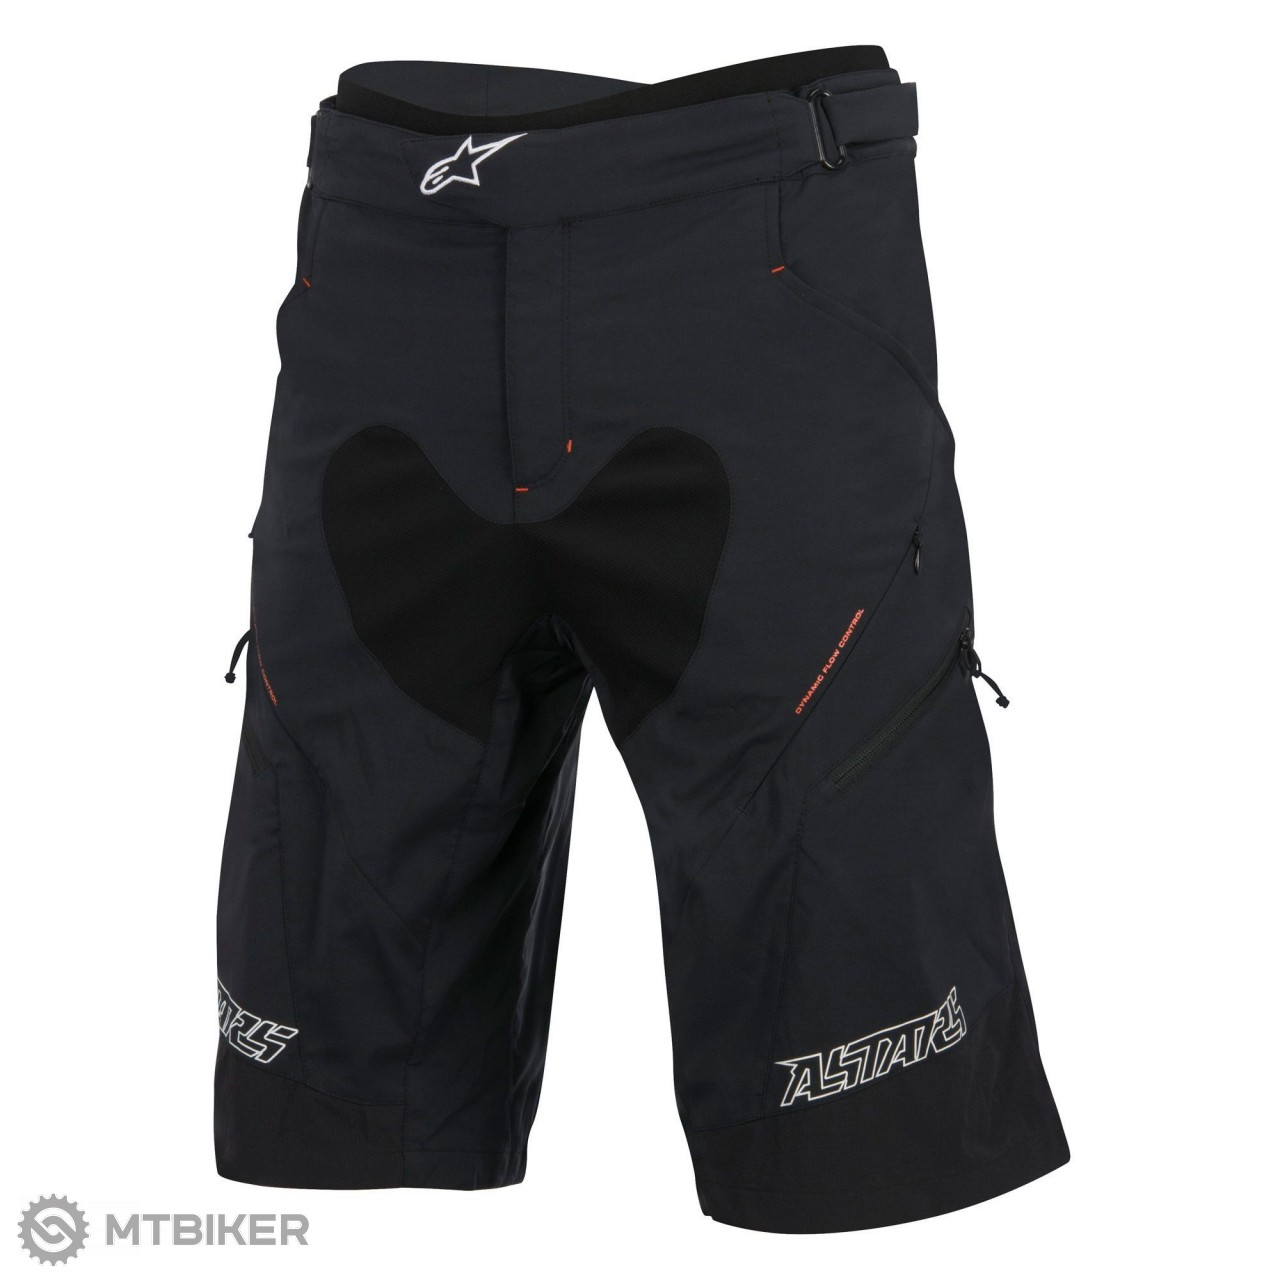 757a5a4c97af Oblečenie a batohy » Nohavice od Alpinestars - MTBIKER Shop